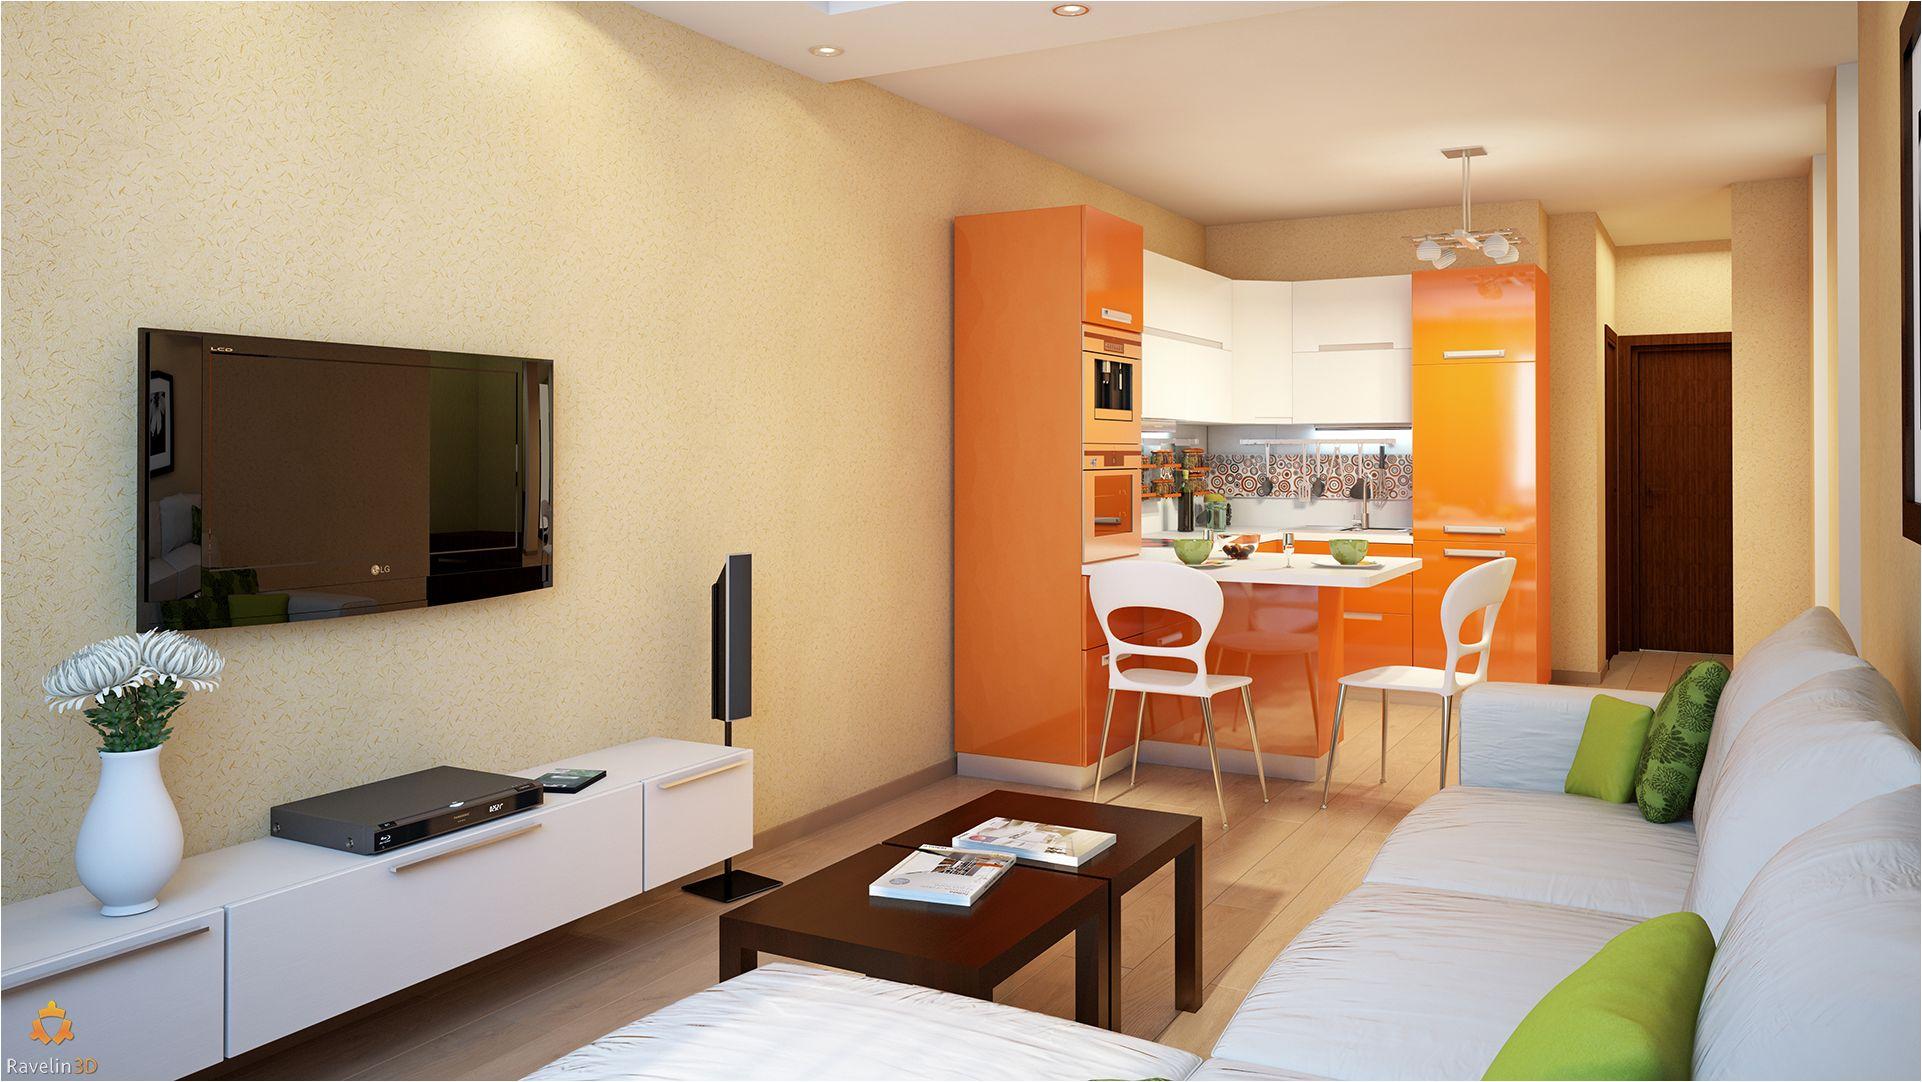 оранжева кухня и светла всекидневна